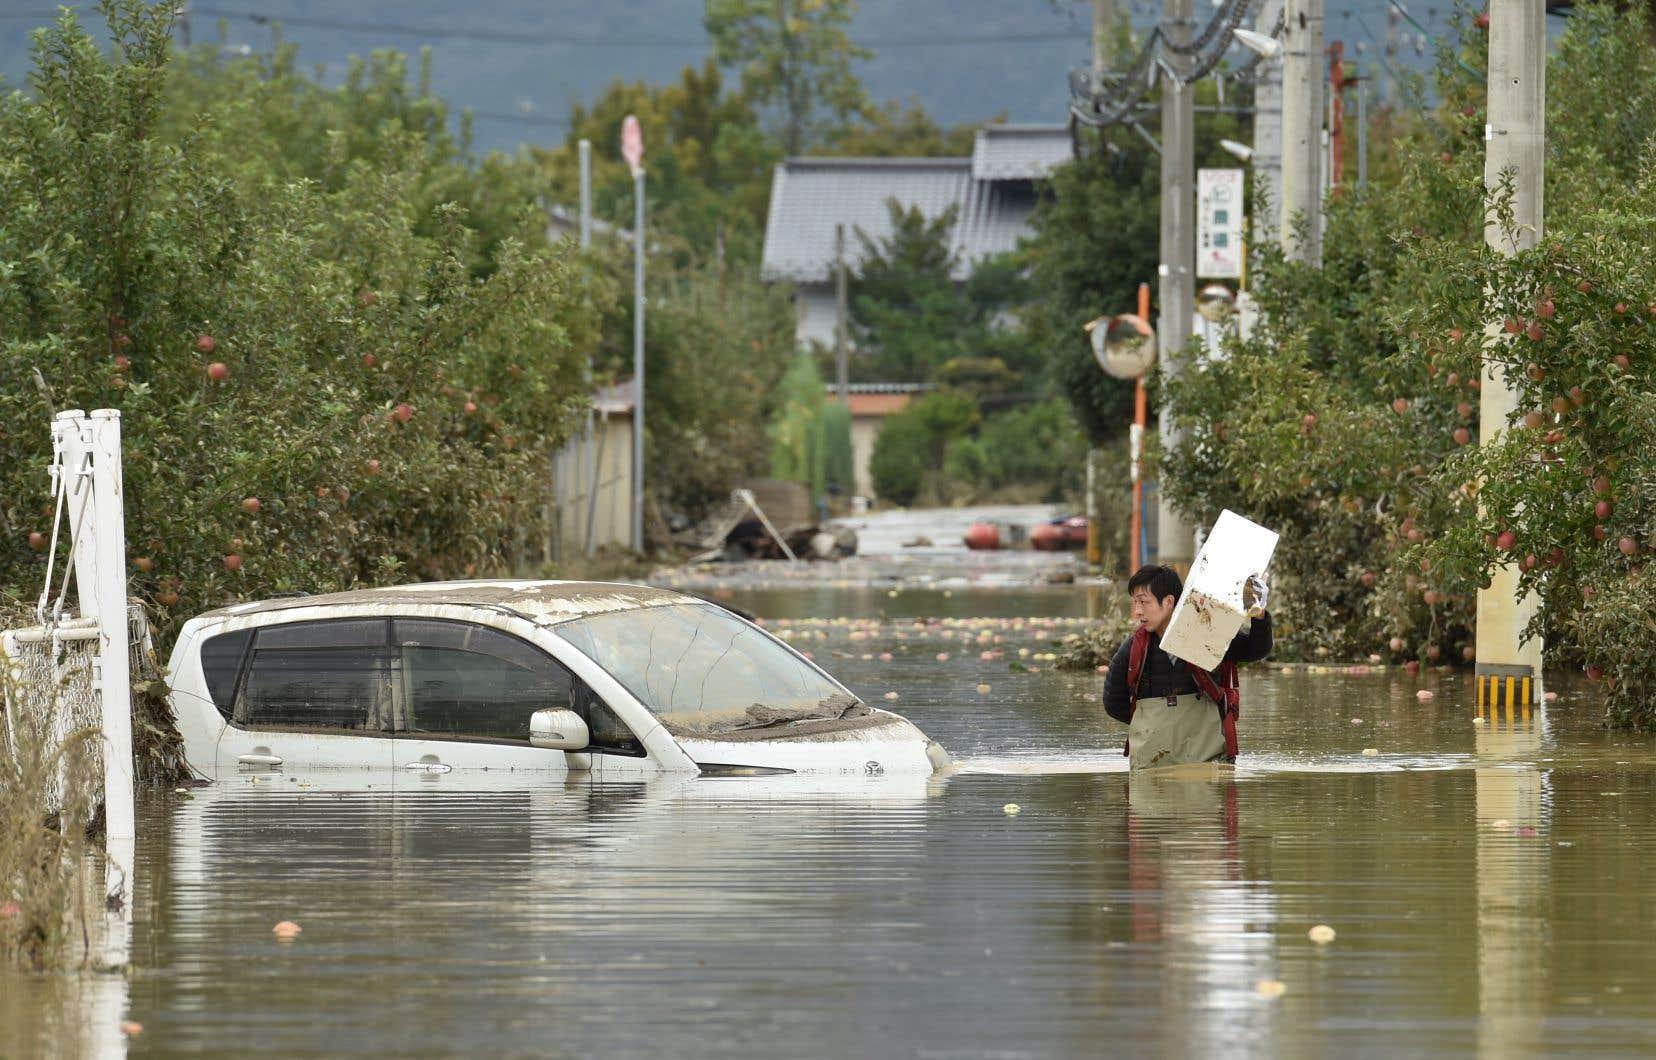 Le typhon «Hagibis», au Japon, a été l'un des phénomènes les plus couteux pour le secteur des catastrophes naturelles. Sur notre photo, un homme circule dans une rue inondée de Nagano, au Japon, après le passage du typhon en octobre dernier.